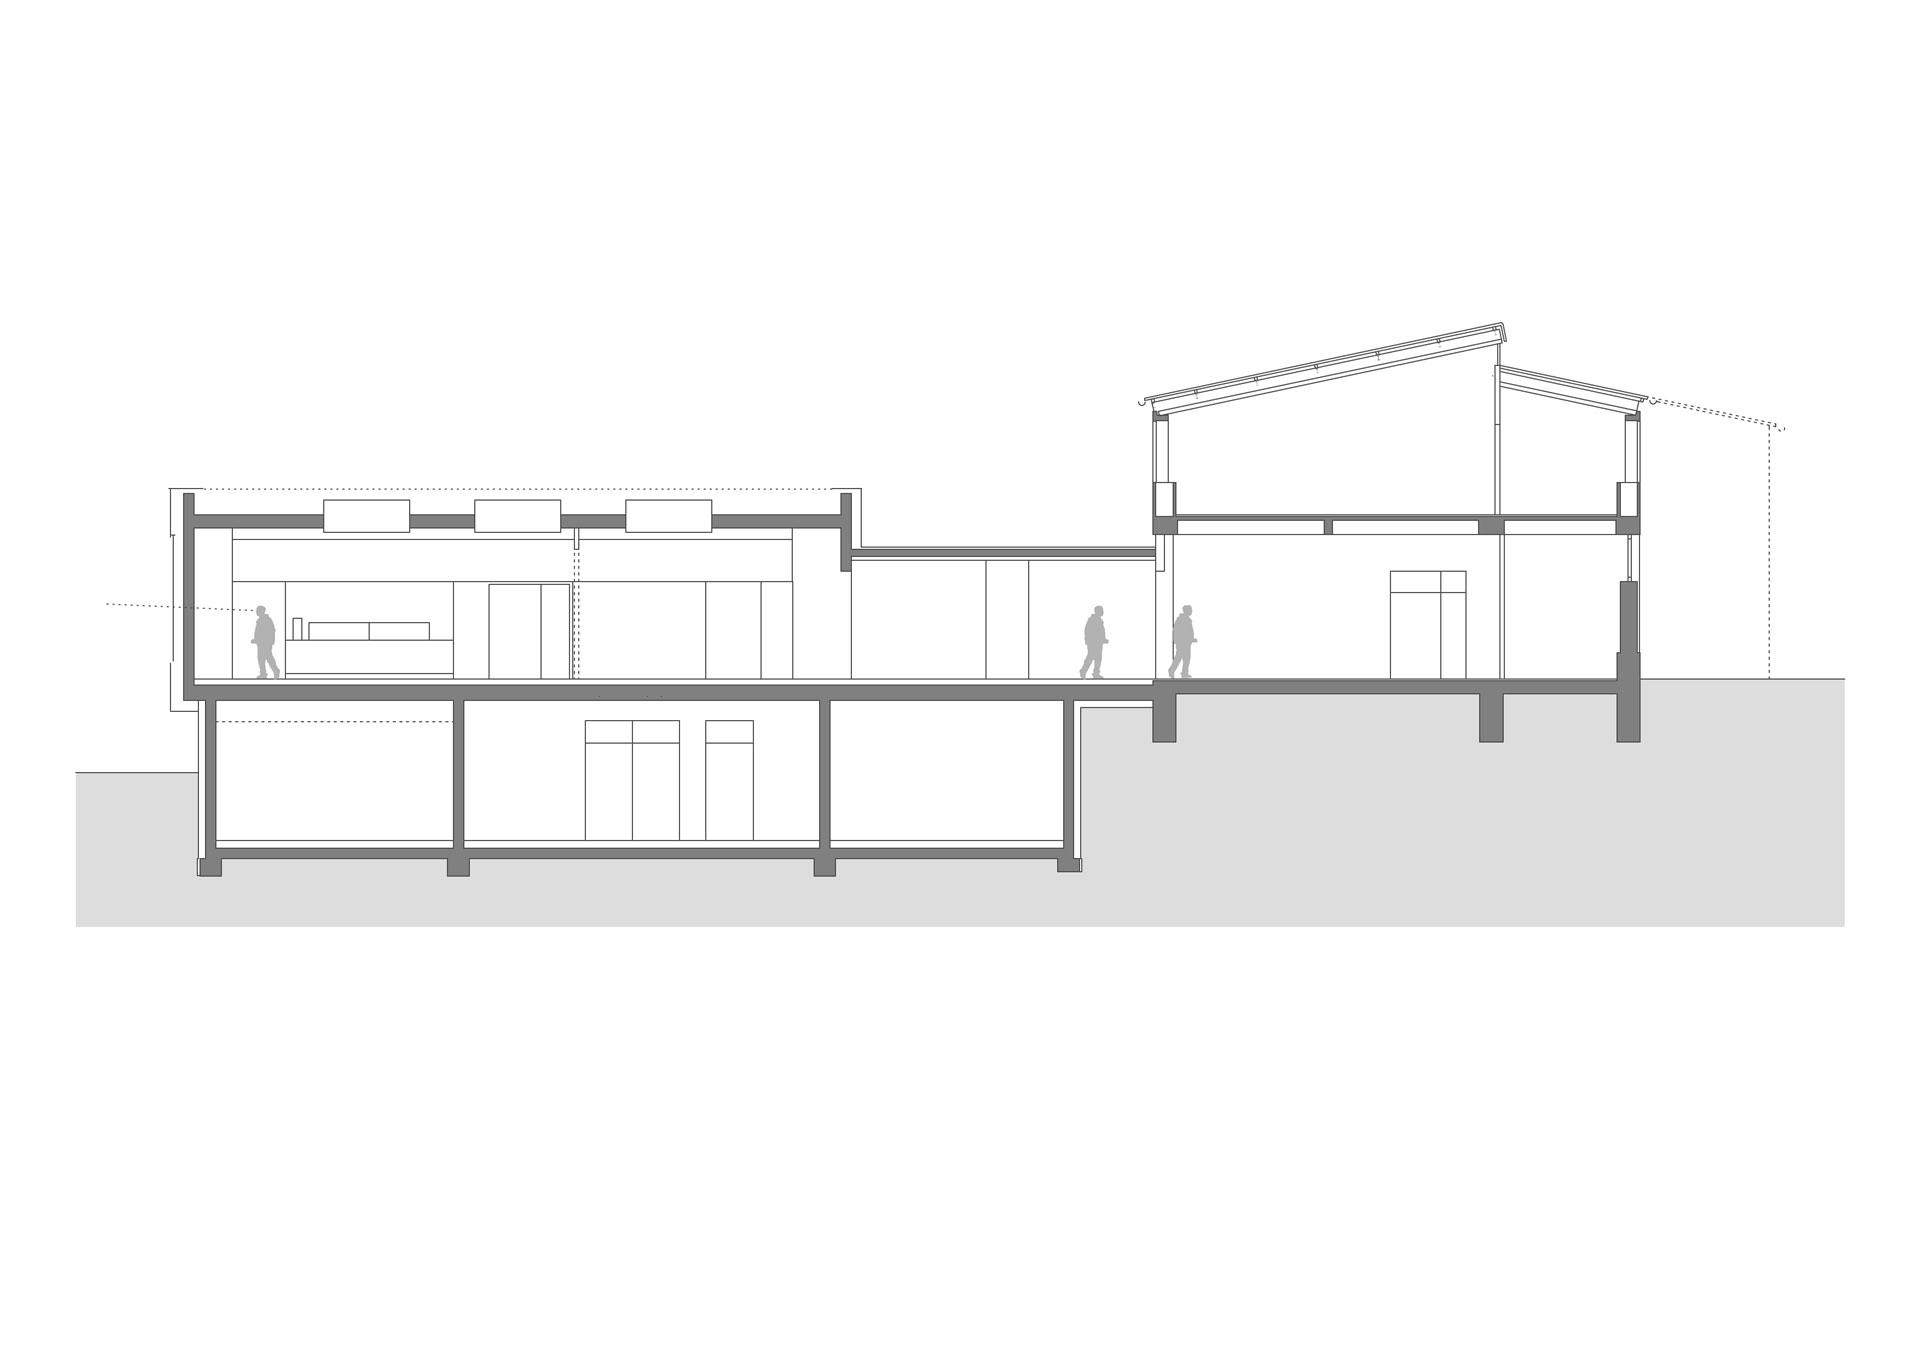 Architekt, Erweiterungsneubau Mensa, Schnitt